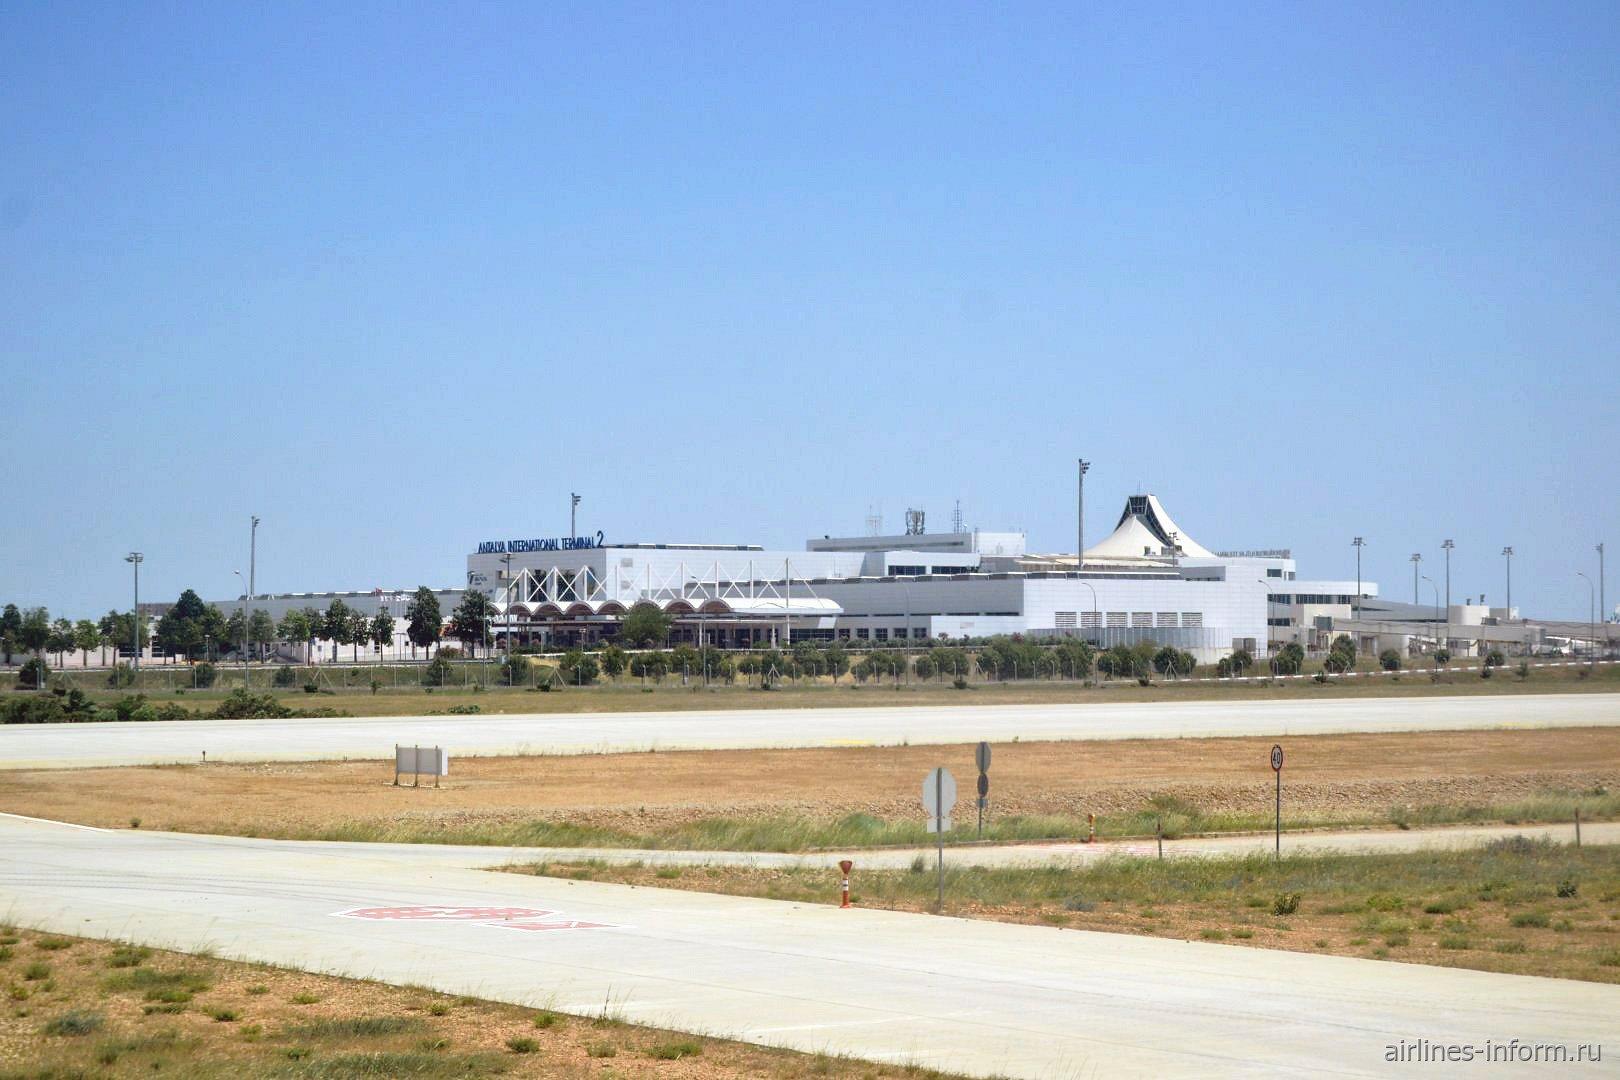 Вид с летного поля на Терминал 2 аэропорта Анталья